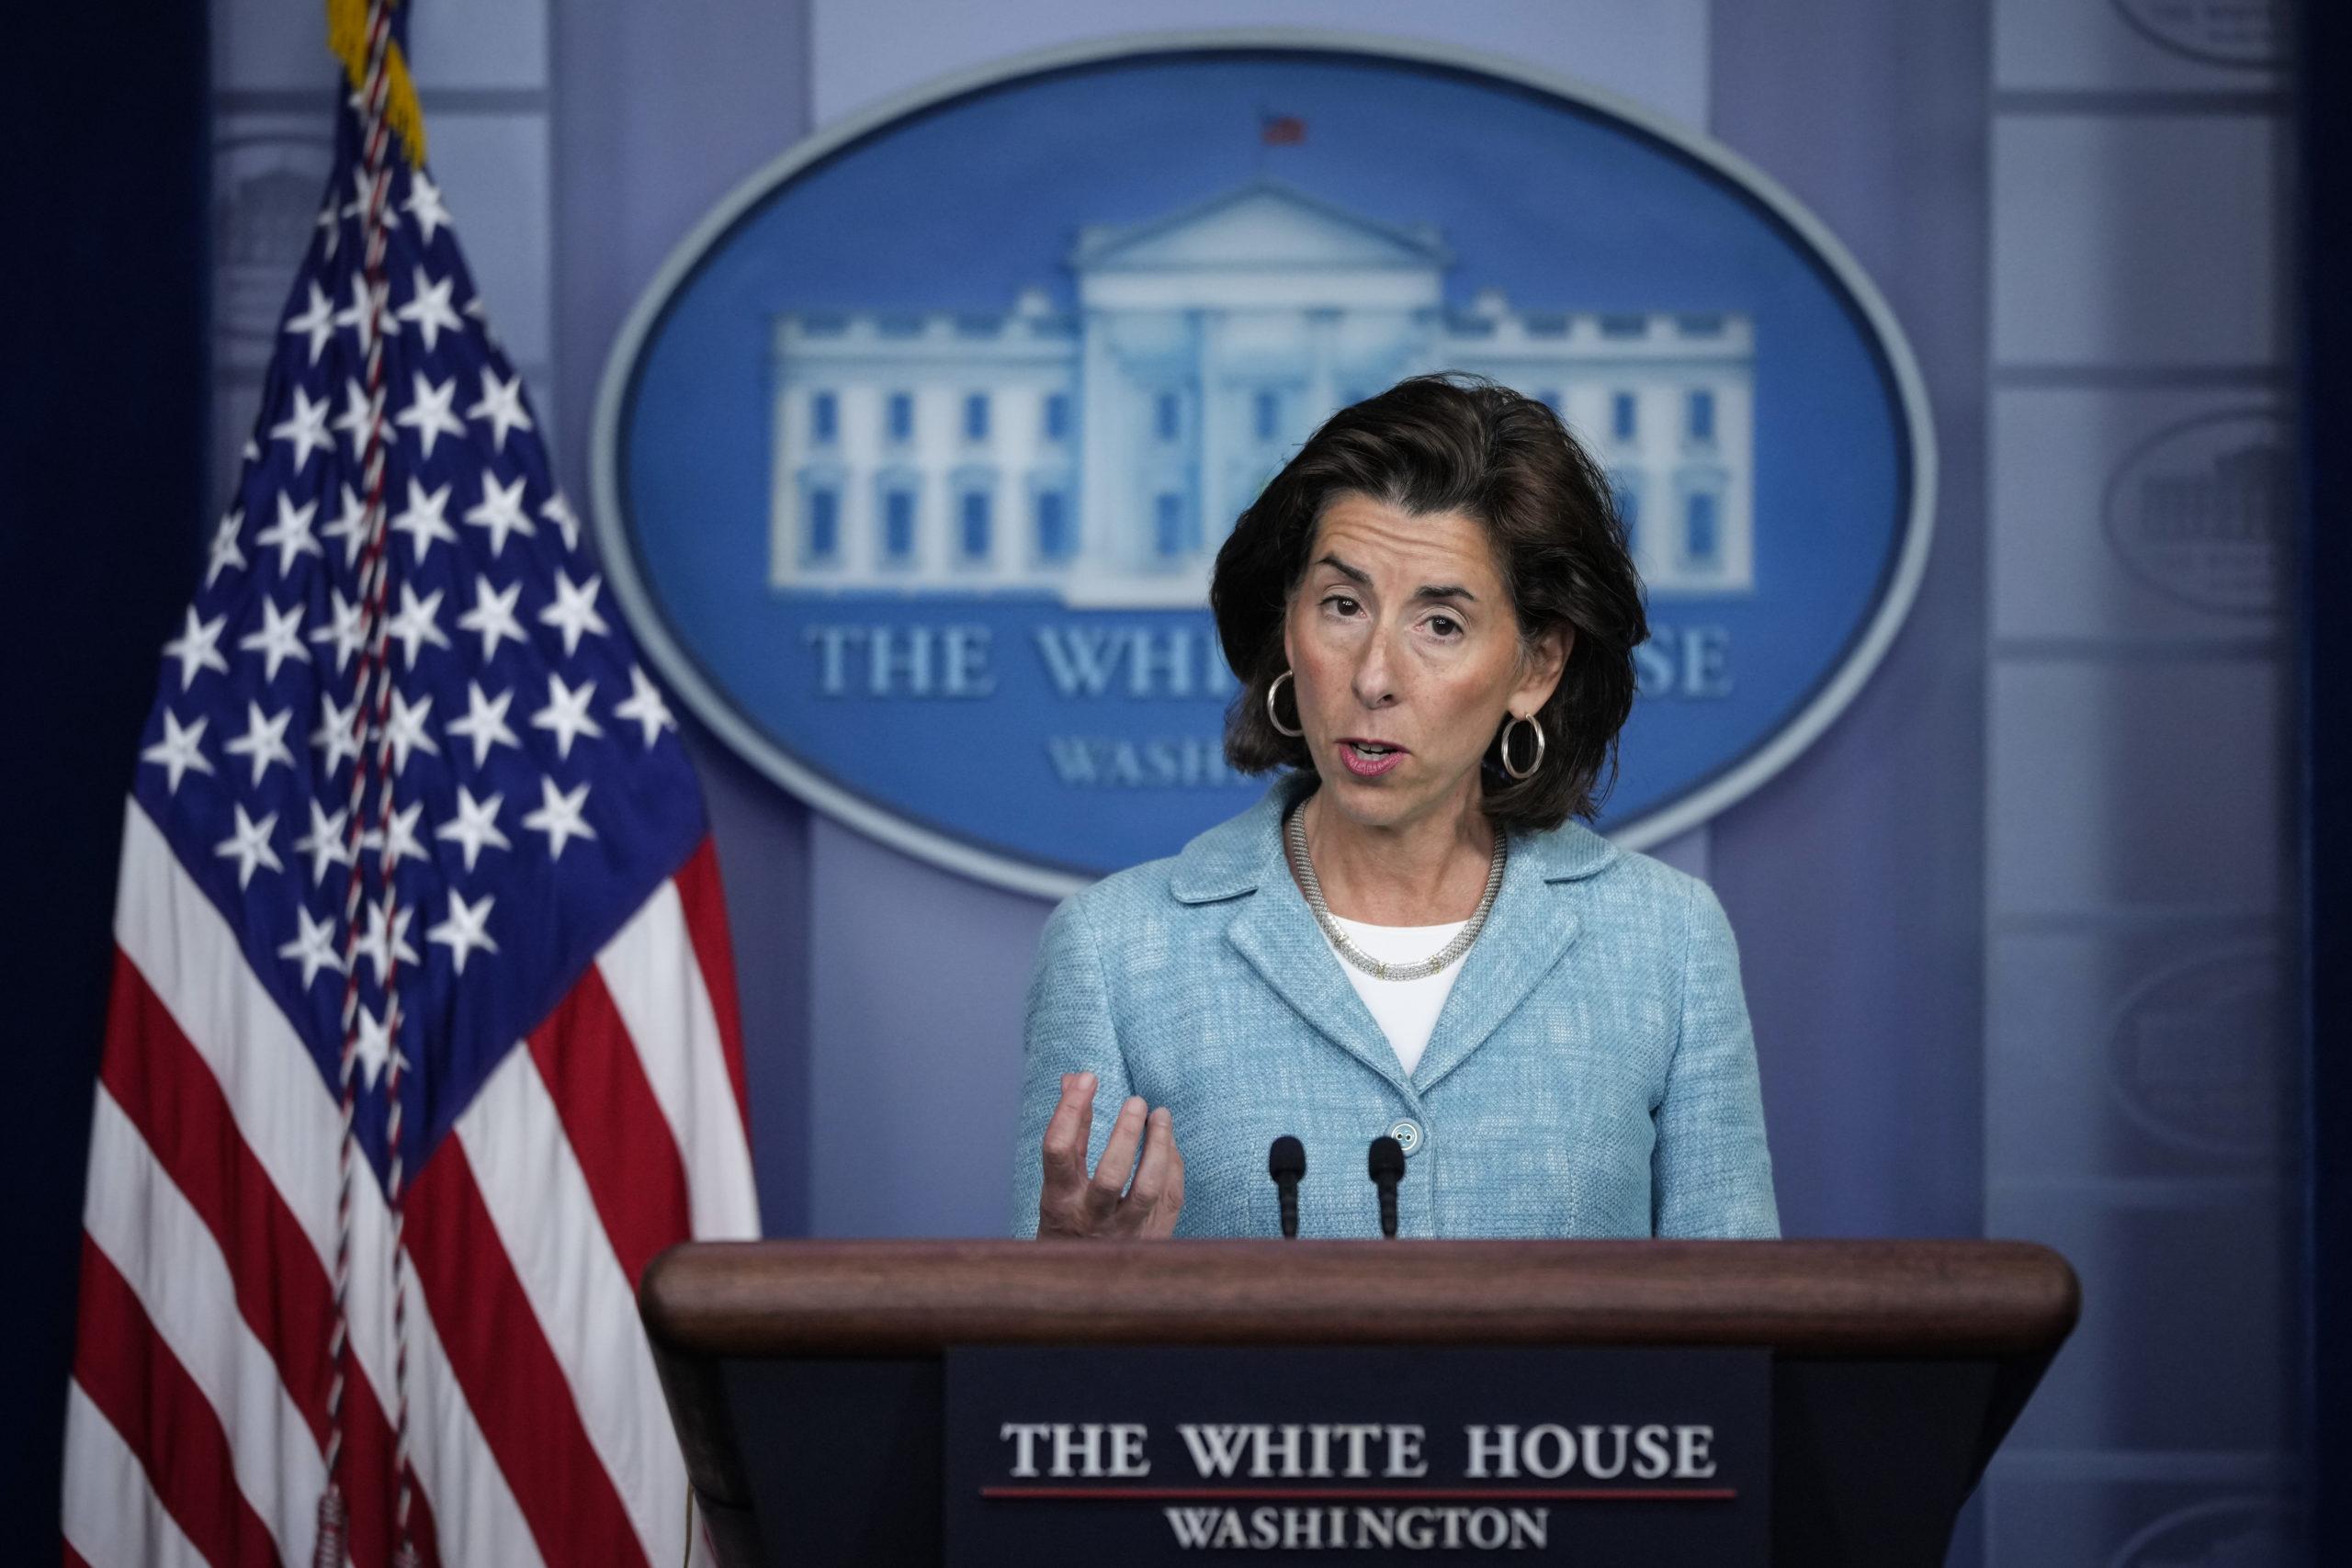 Commerce Secretary Gina Raimondo addresses reporters on Thursday. (Drew Angerer/Getty Images)